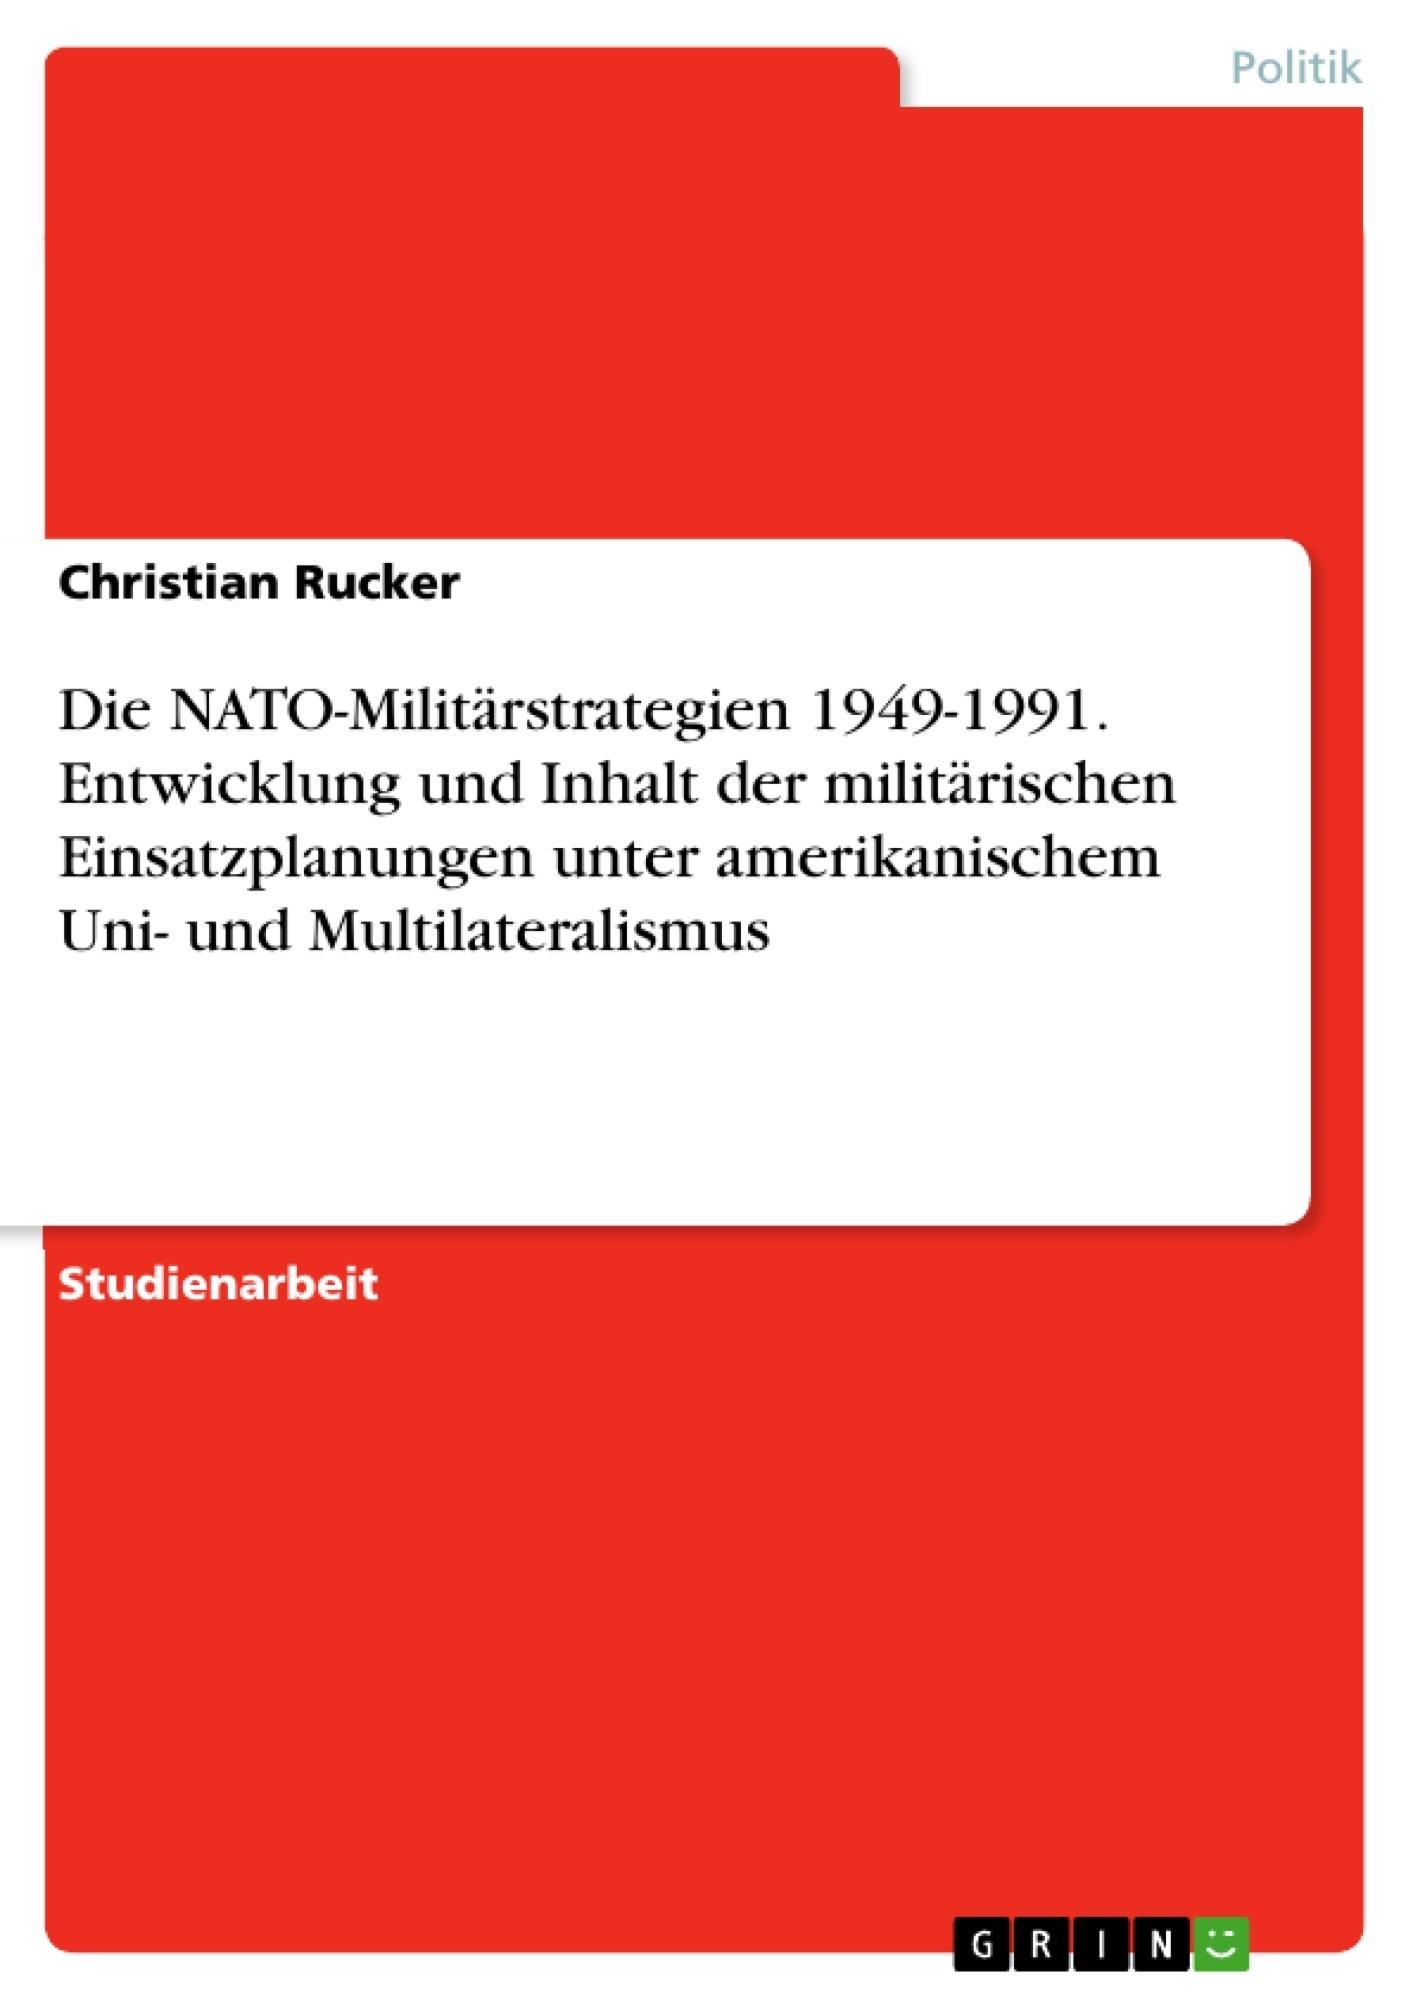 Titel: Die NATO-Militärstrategien 1949-1991. Entwicklung und Inhalt der militärischen Einsatzplanungen unter amerikanischem Uni- und Multilateralismus